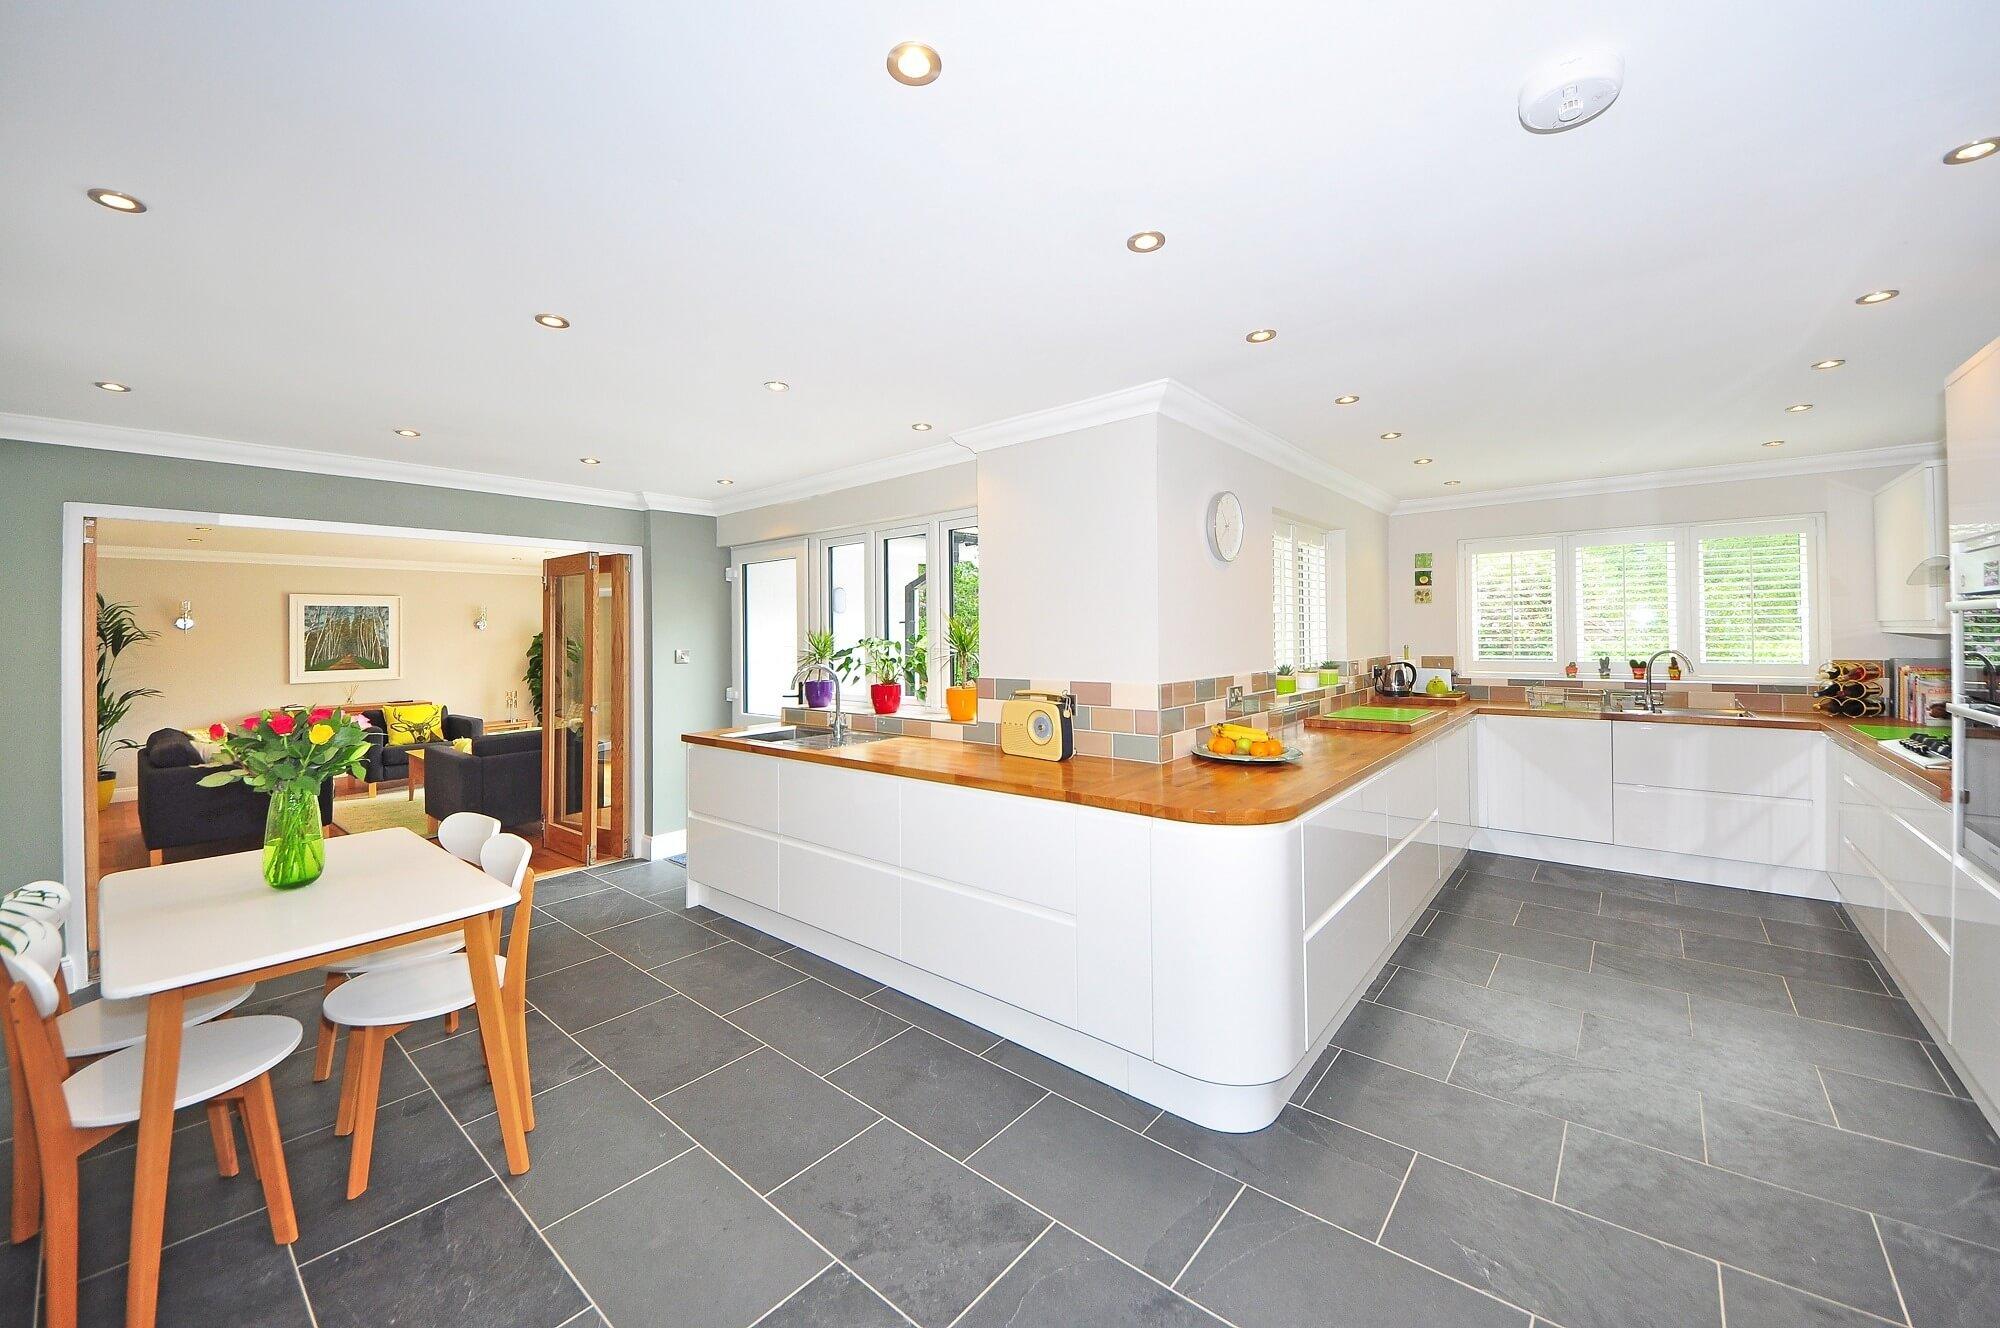 Full Size of Reihenhaus Küche Einrichten Jamie Oliver Küche Einrichten Küche Einrichten Was Wohin Verwinkelte Küche Einrichten Küche Küche Einrichten